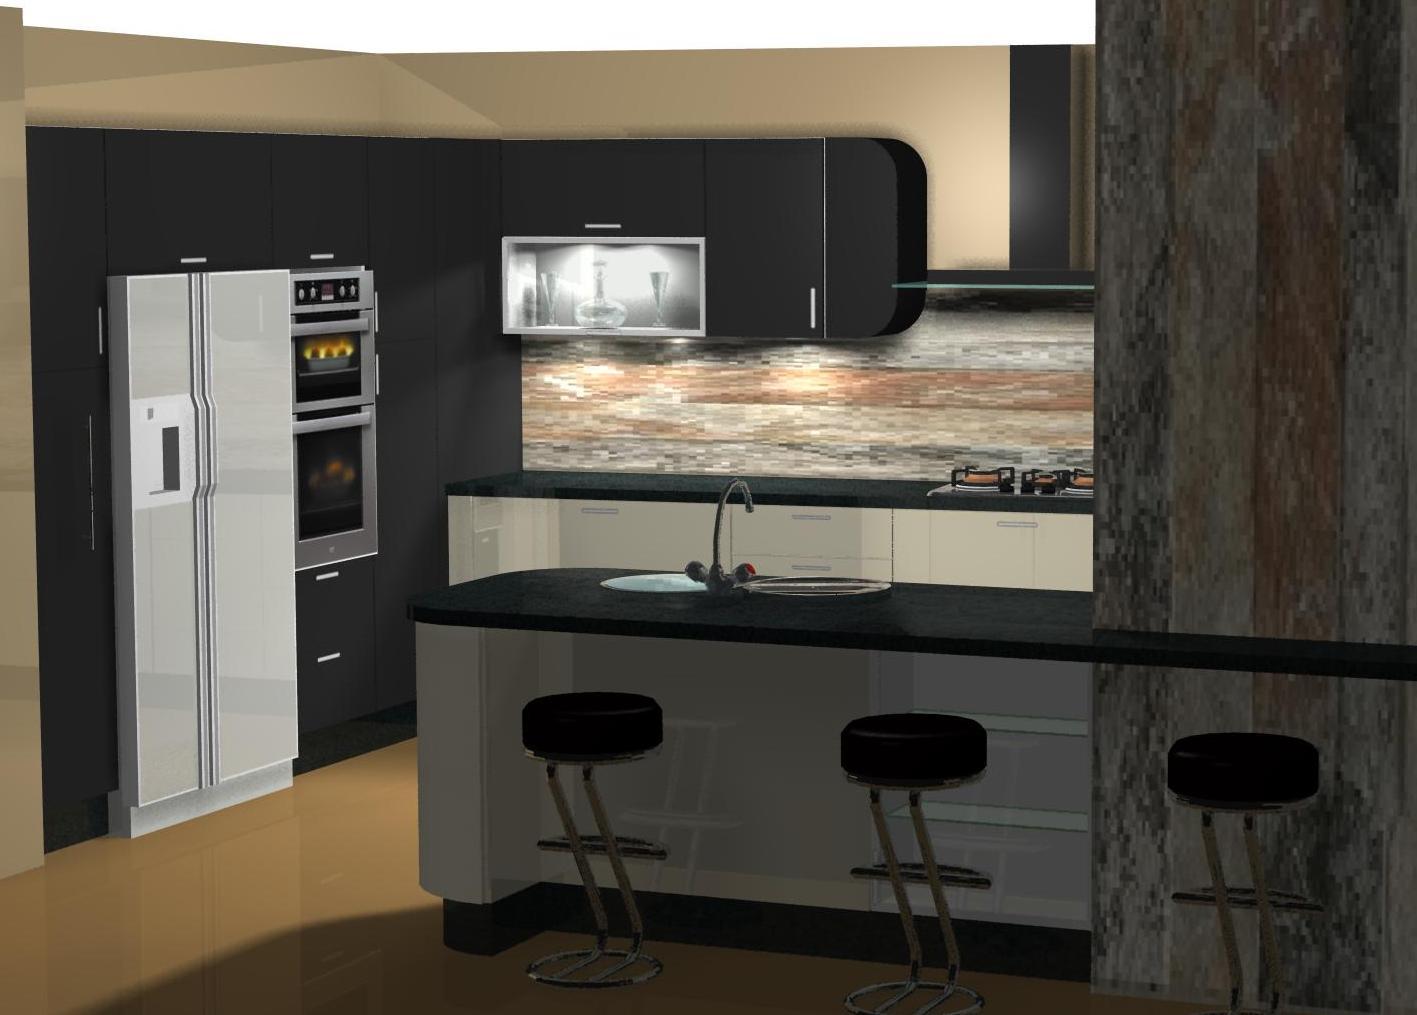 Mi Cocina Diseno De Cocina Lacado En Crema Y Negro Con Muebles Curvos - Como-disear-mi-cocina